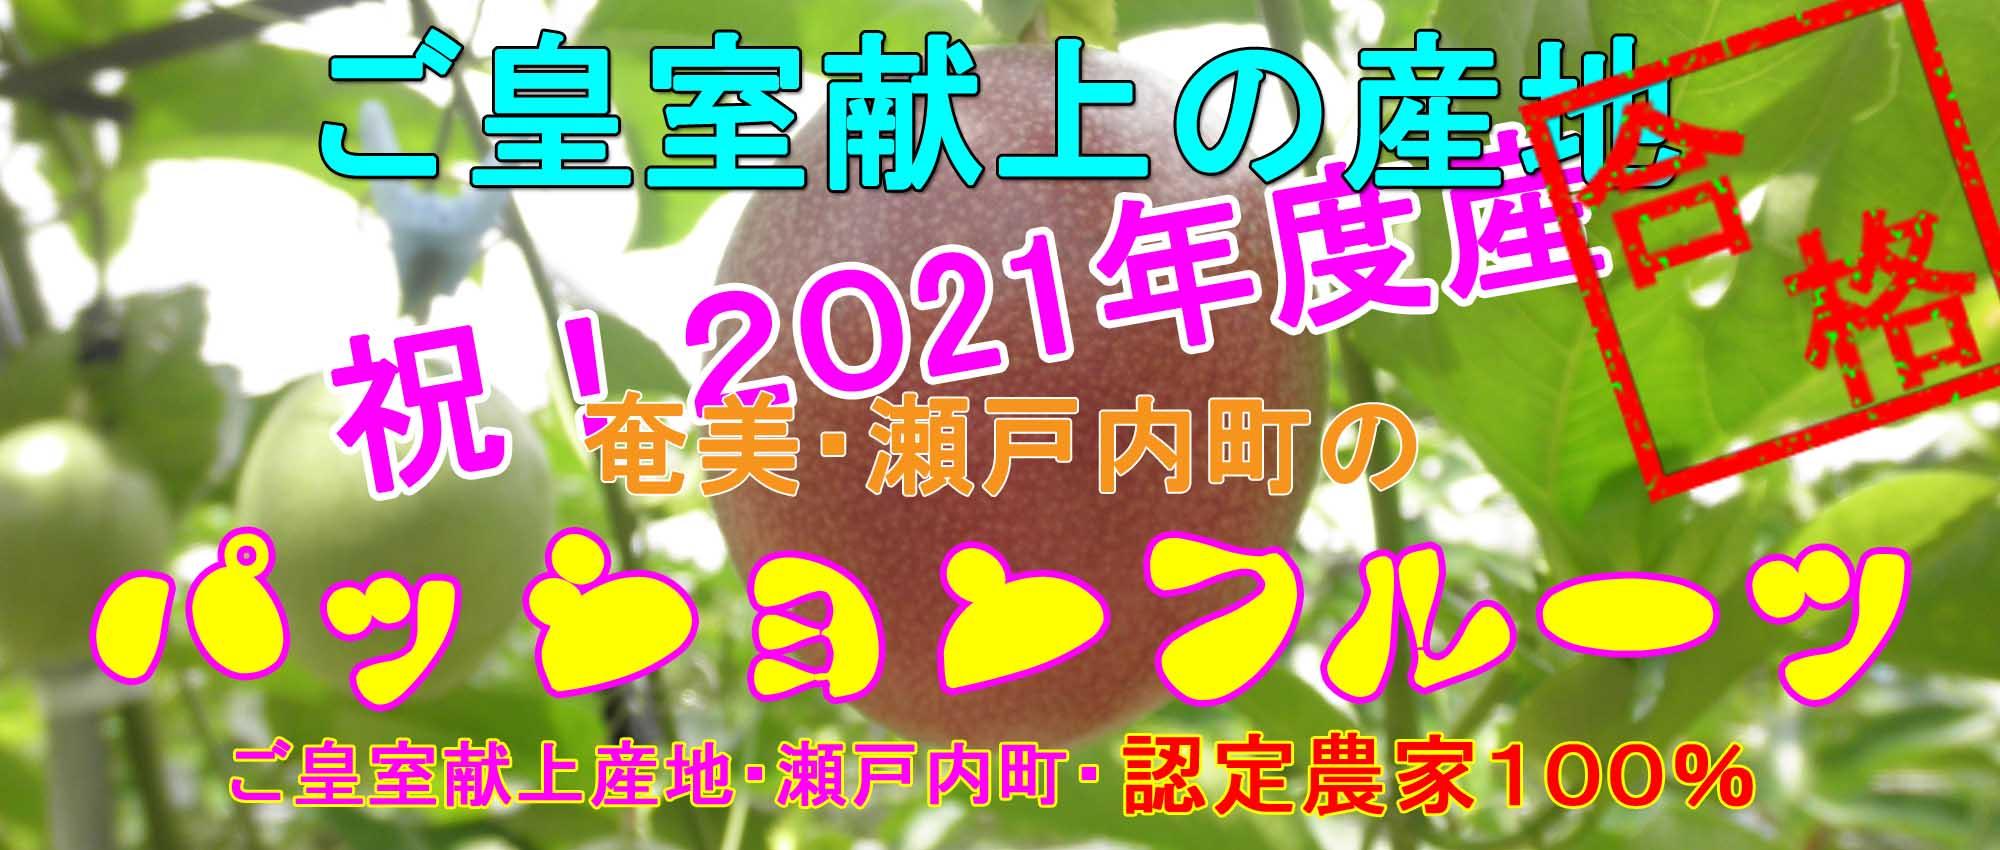 2021年度産パッションフルーツロゴ